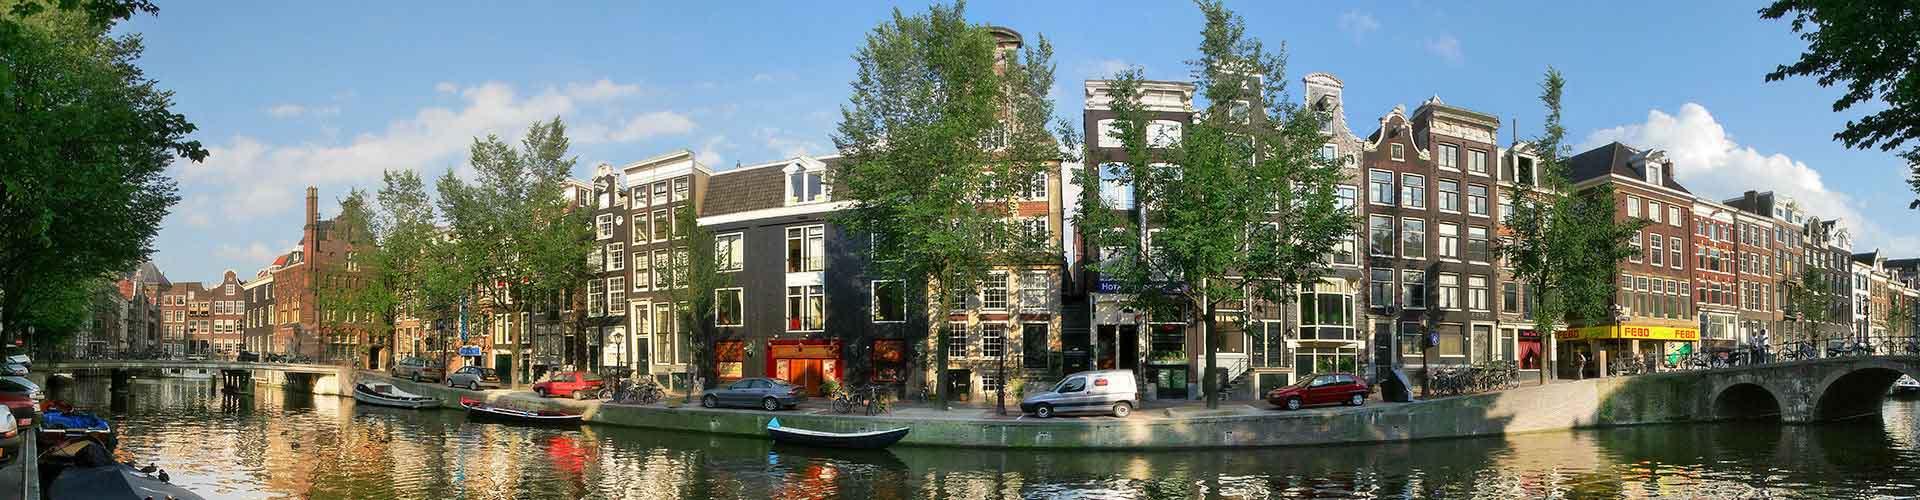 阿姆斯特丹 – 市中心附近的宾馆。阿姆斯特丹地图,阿姆斯特丹每间宾馆的照片和评价。